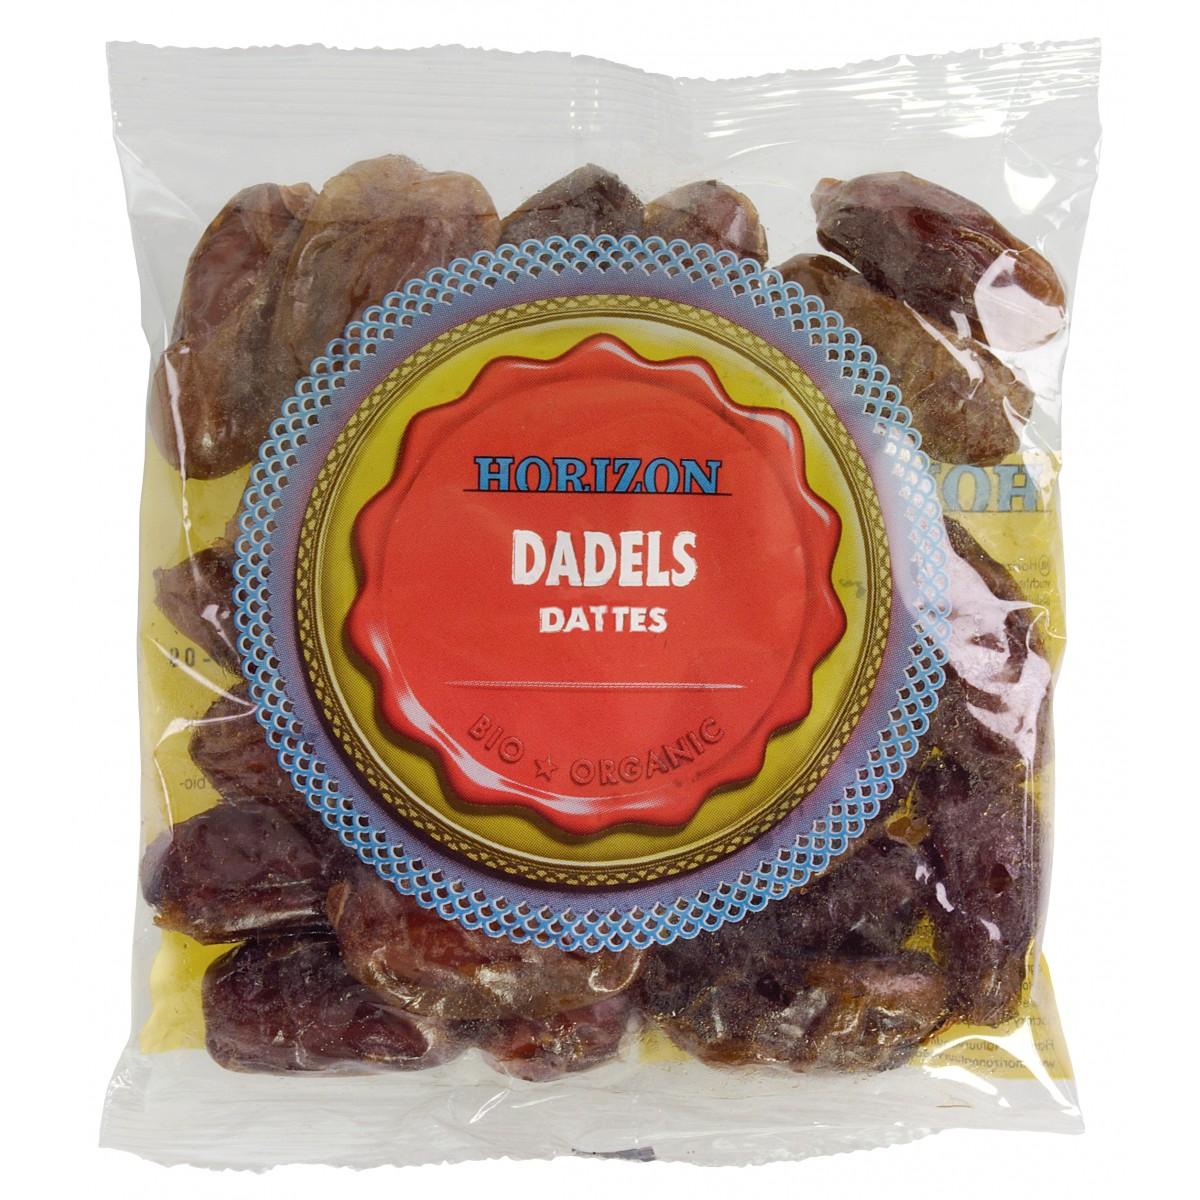 Dadels